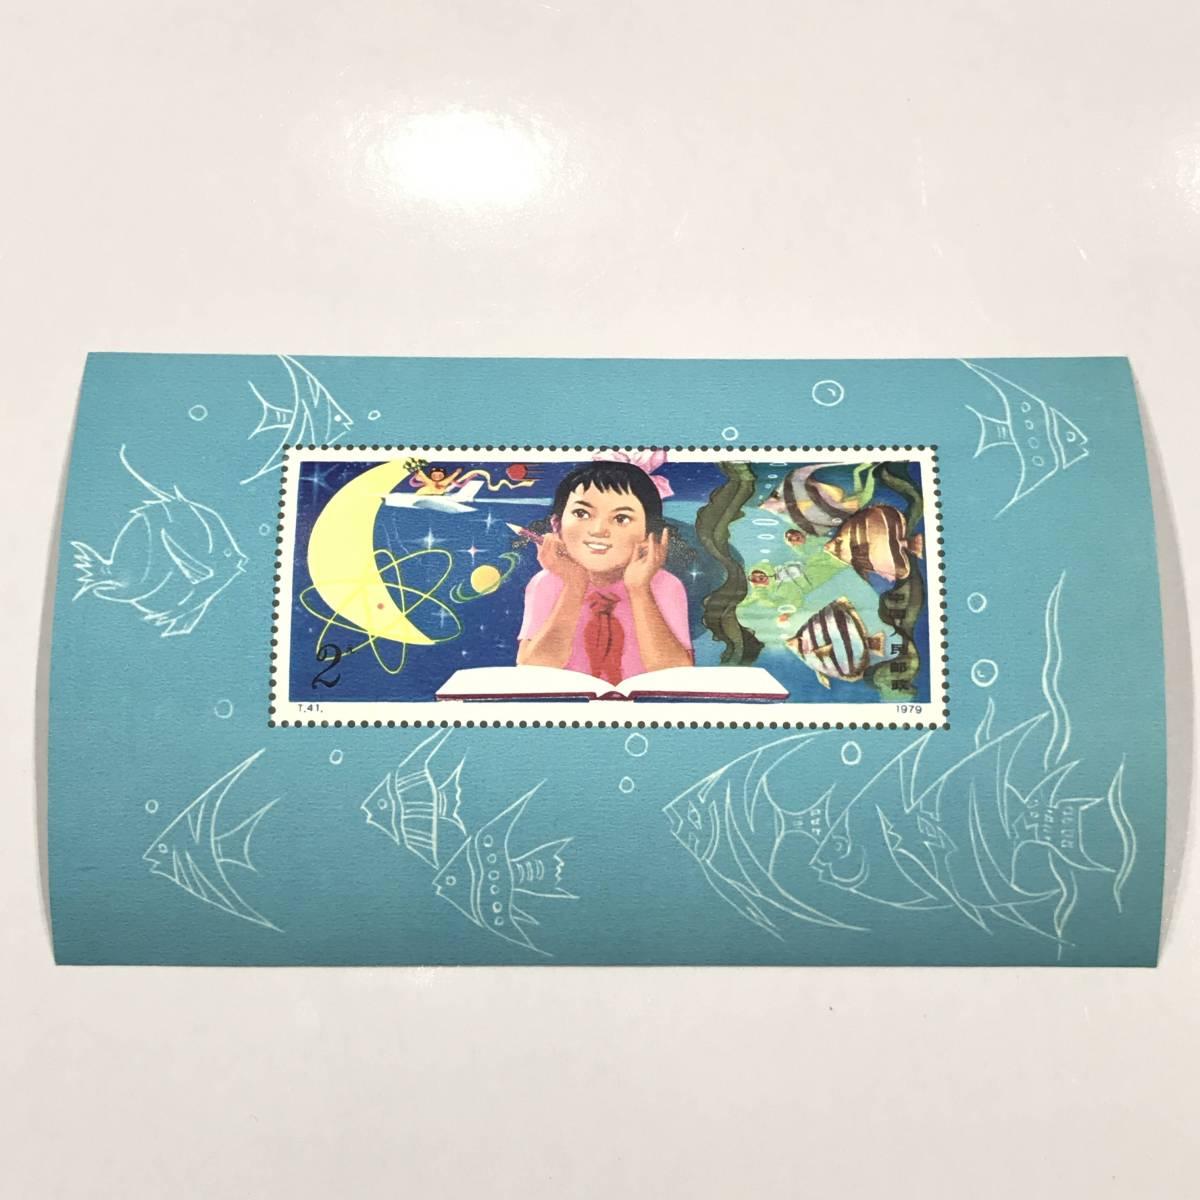 1円 中国切手 小型シート T41 子どものときから科学を愛そう 1979年 未使用 保管品